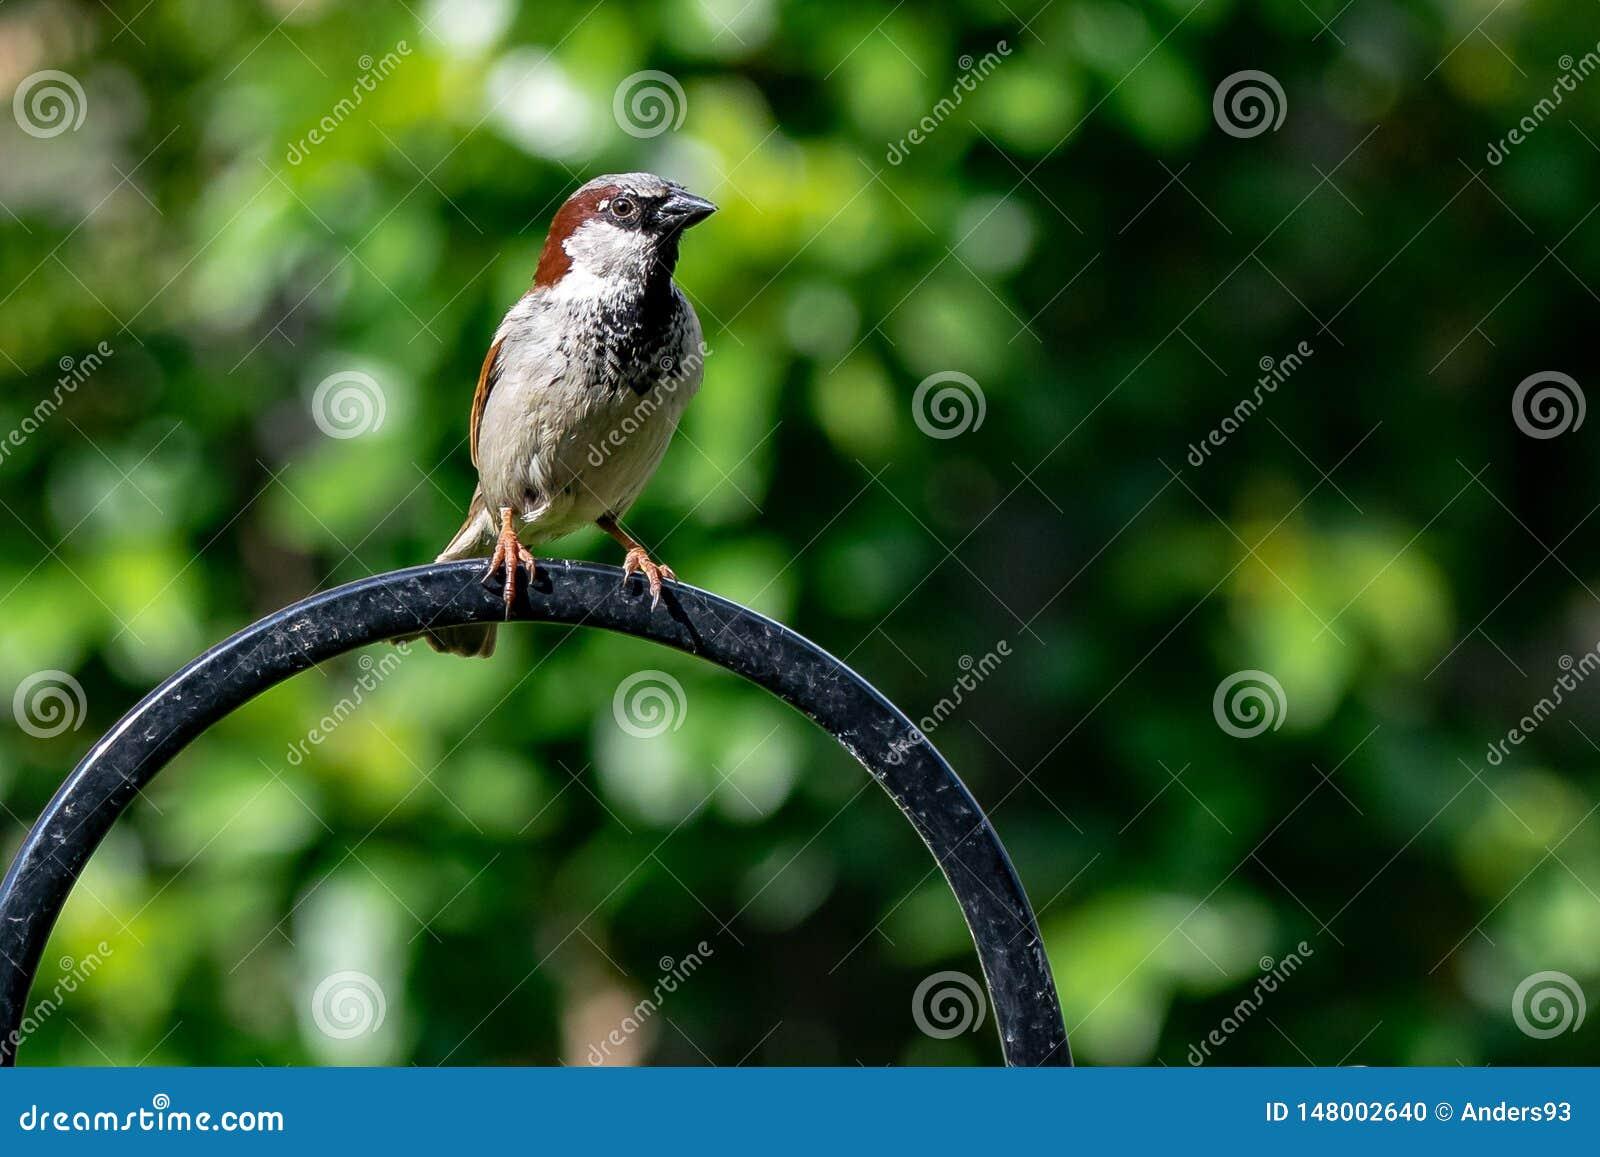 Αρσενικό άγριο πουλί domesticus πομπών σπουργιτιών σπιτιών που σκαρφαλώνει σε έναν τροφοδότη κήπων